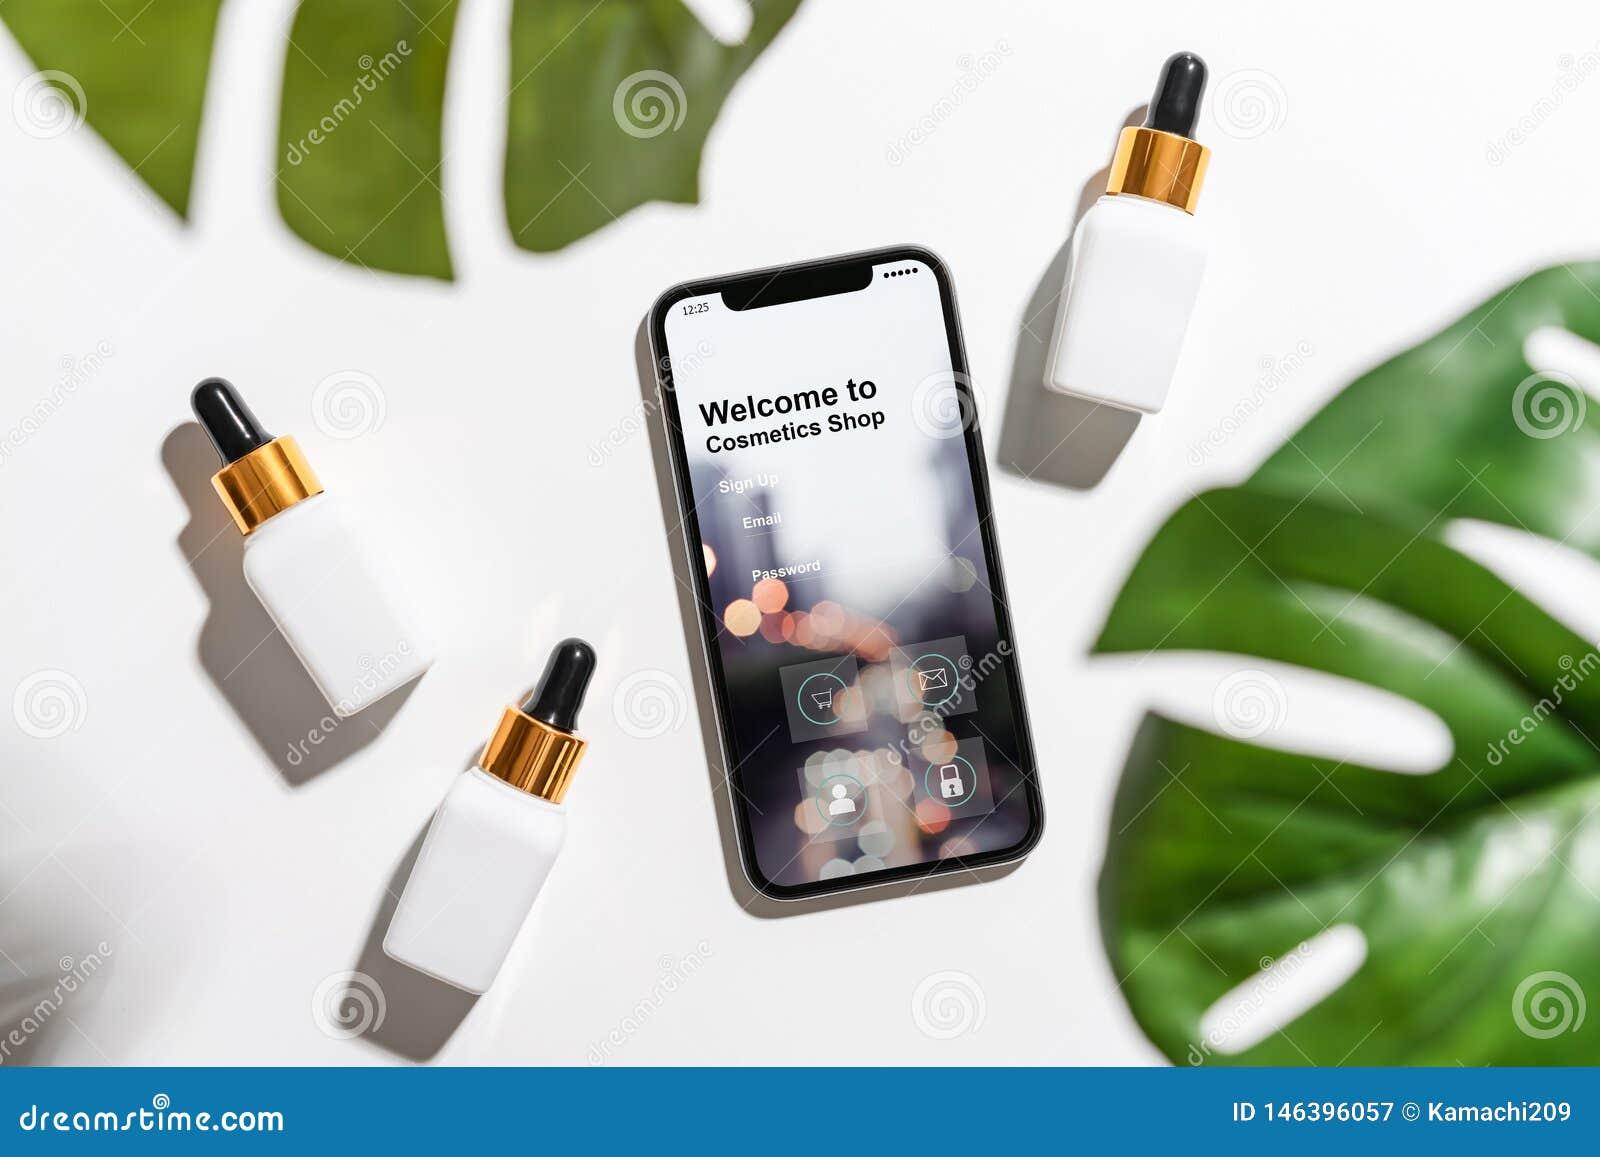 Diseño de la pantalla del smartphone, uso de cosméticos en línea Botella blanca y tarro poner crema, maqueta del suero de la marc